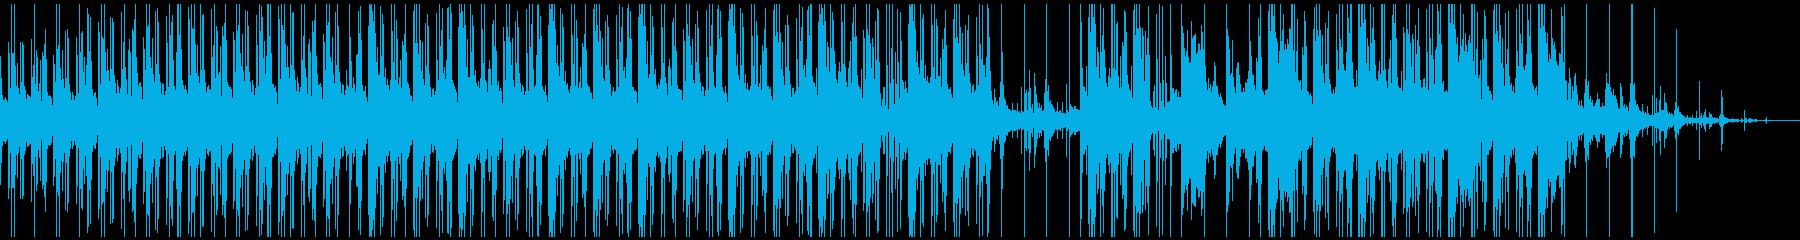 抽象的なふんわりしたBeatの再生済みの波形